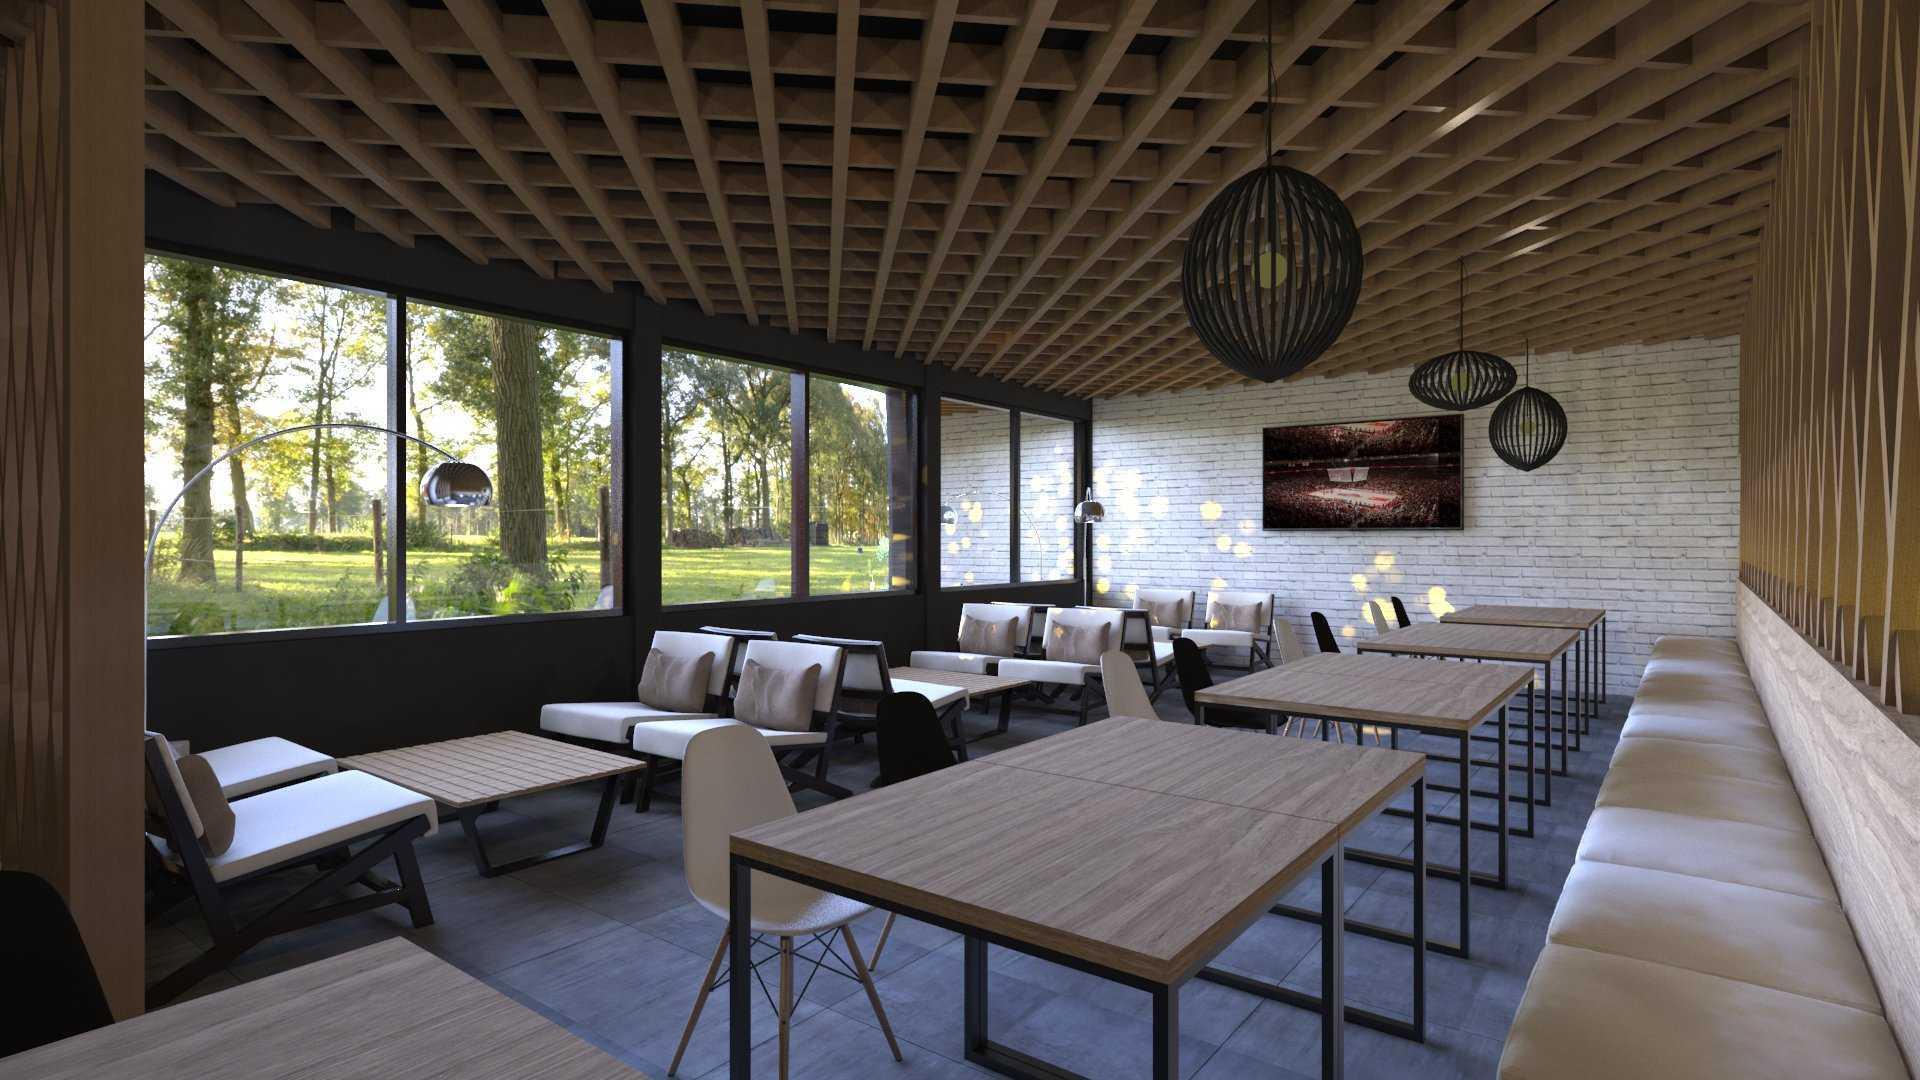 Alinea  Architects Cafe Antam Gn. Pongkor, Cisarua, Nanggung, Bogor, Jawa Barat, Indonesia Gn. Pongkor, Cisarua, Nanggung, Bogor, Jawa Barat, Indonesia Vip Kontemporer  33014